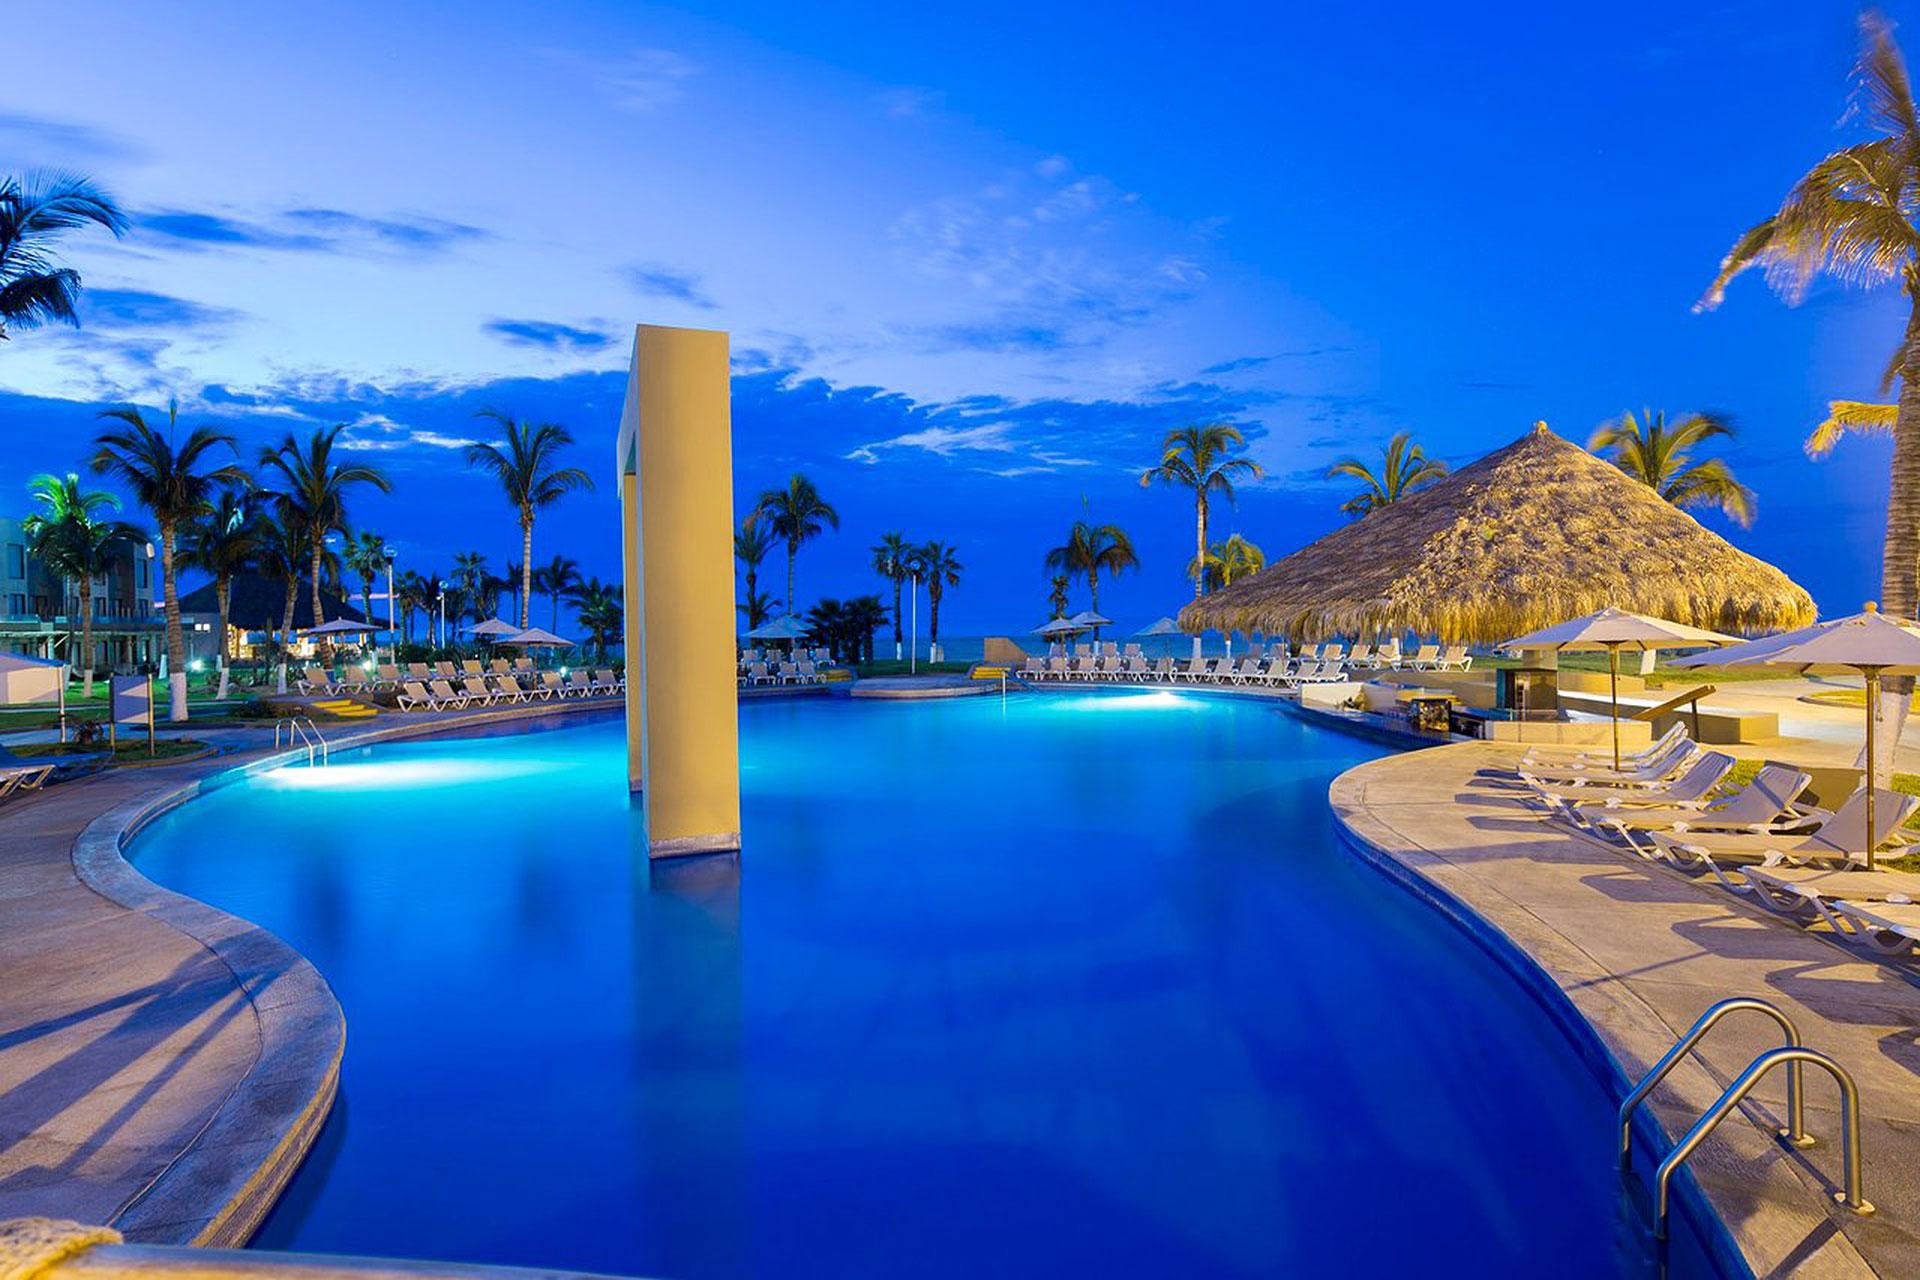 Holiday Inn Resort Los Cabos All-Inclusive in Los Cabos, Mexico